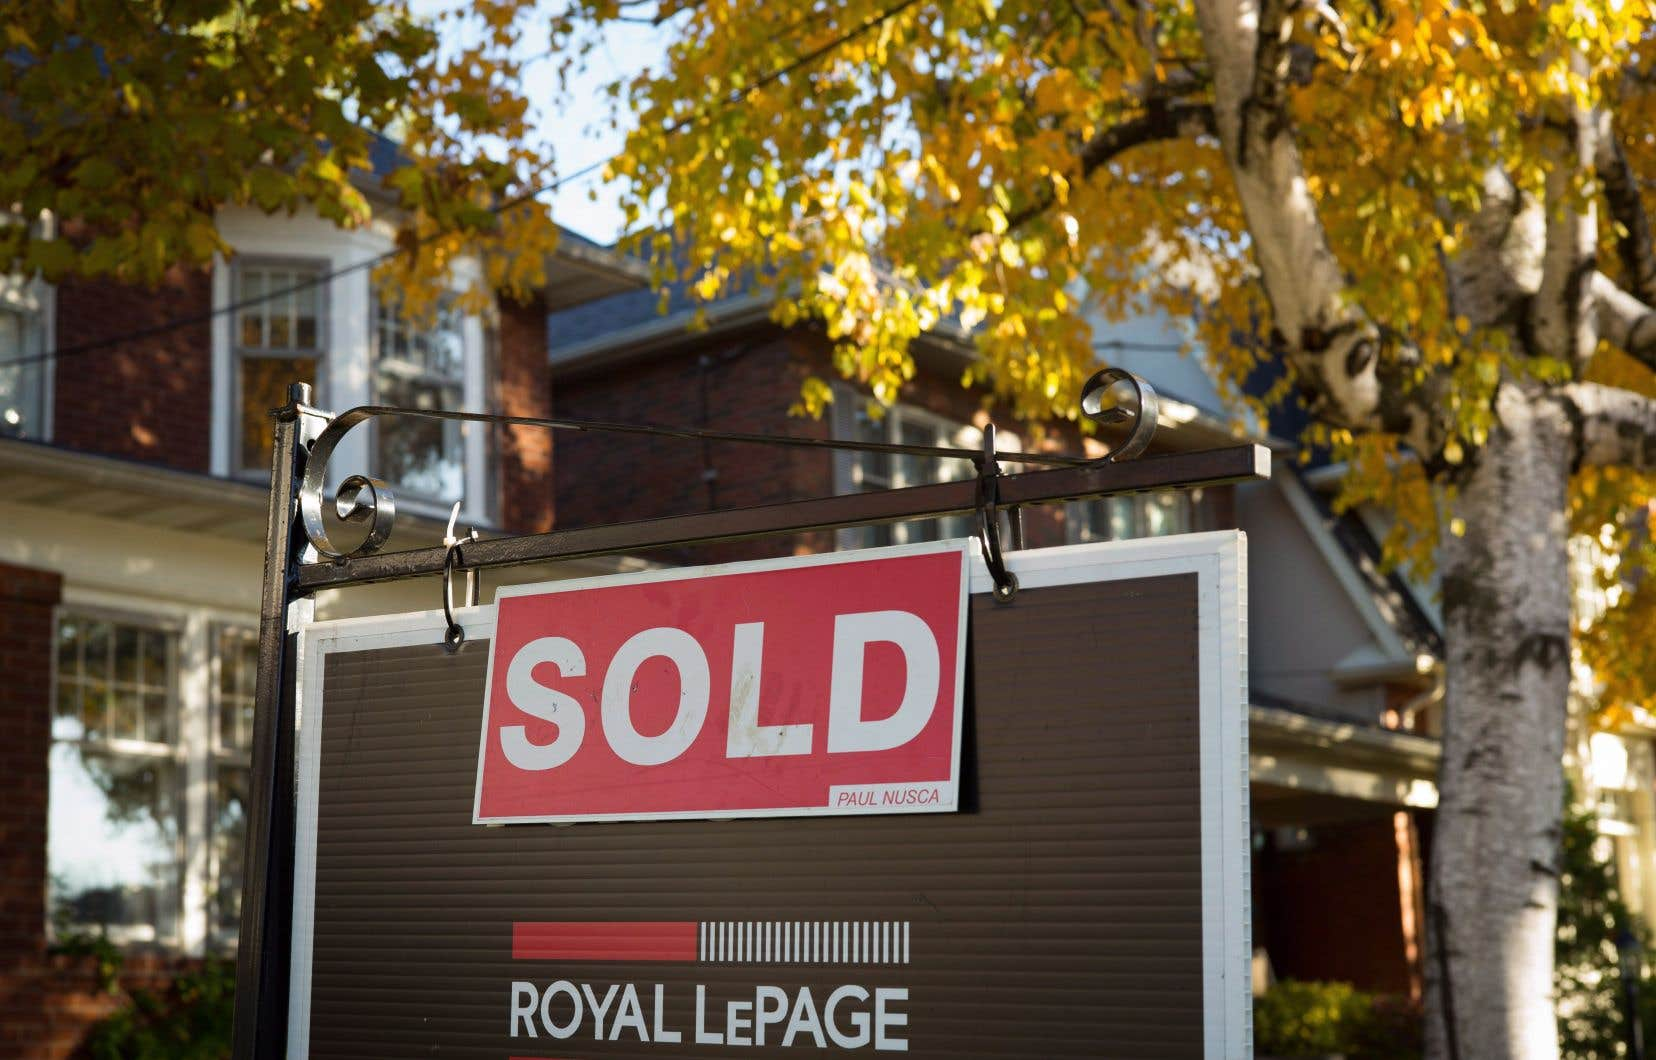 Le degré de vulnérabilité de Toronto est passé d'élevé à modéré, les prix ayant retraité de 0,8% au deuxième trimestre.